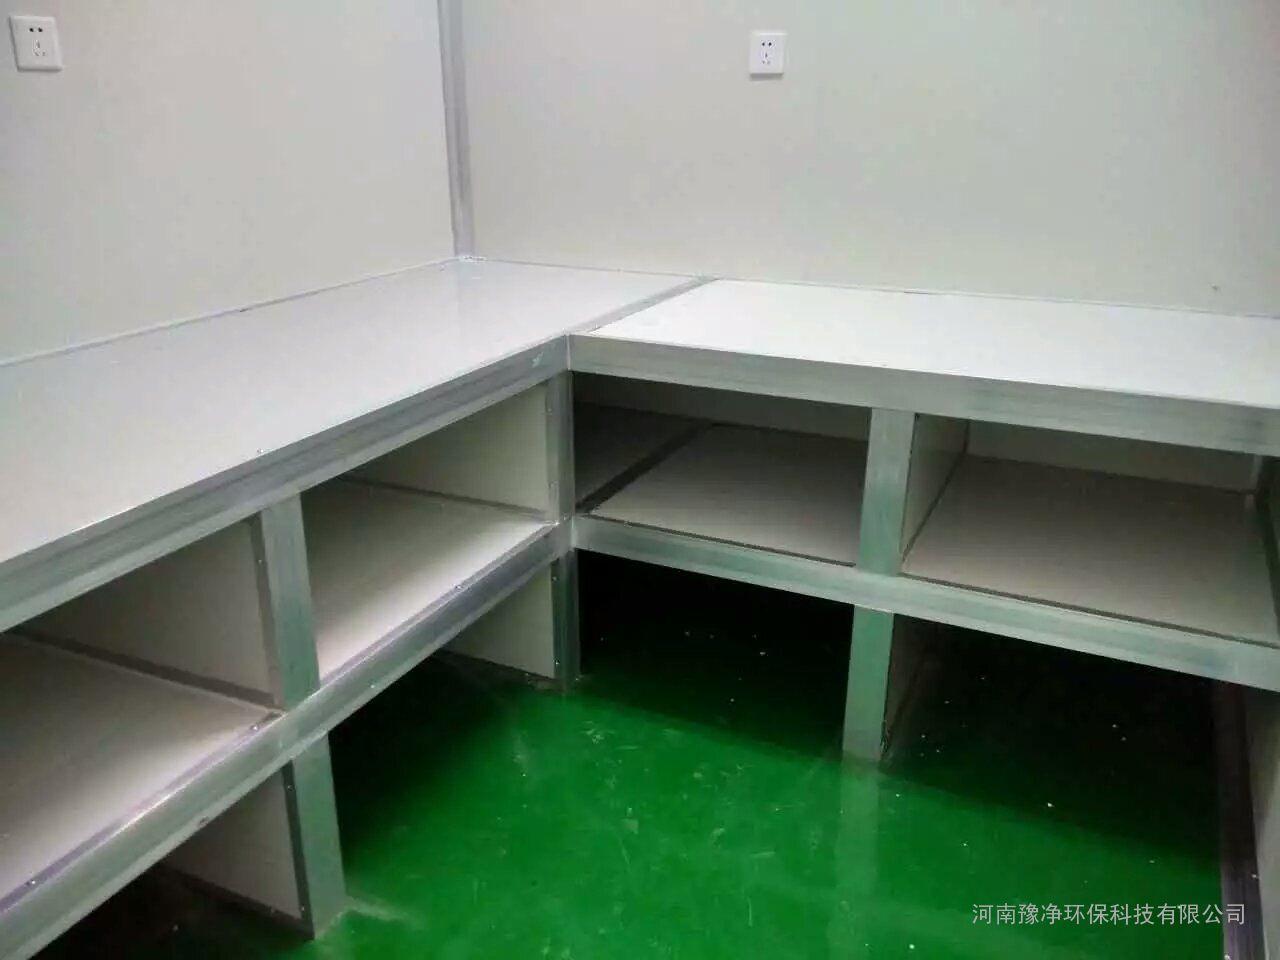 山西食品厂净化板装修洁净车间